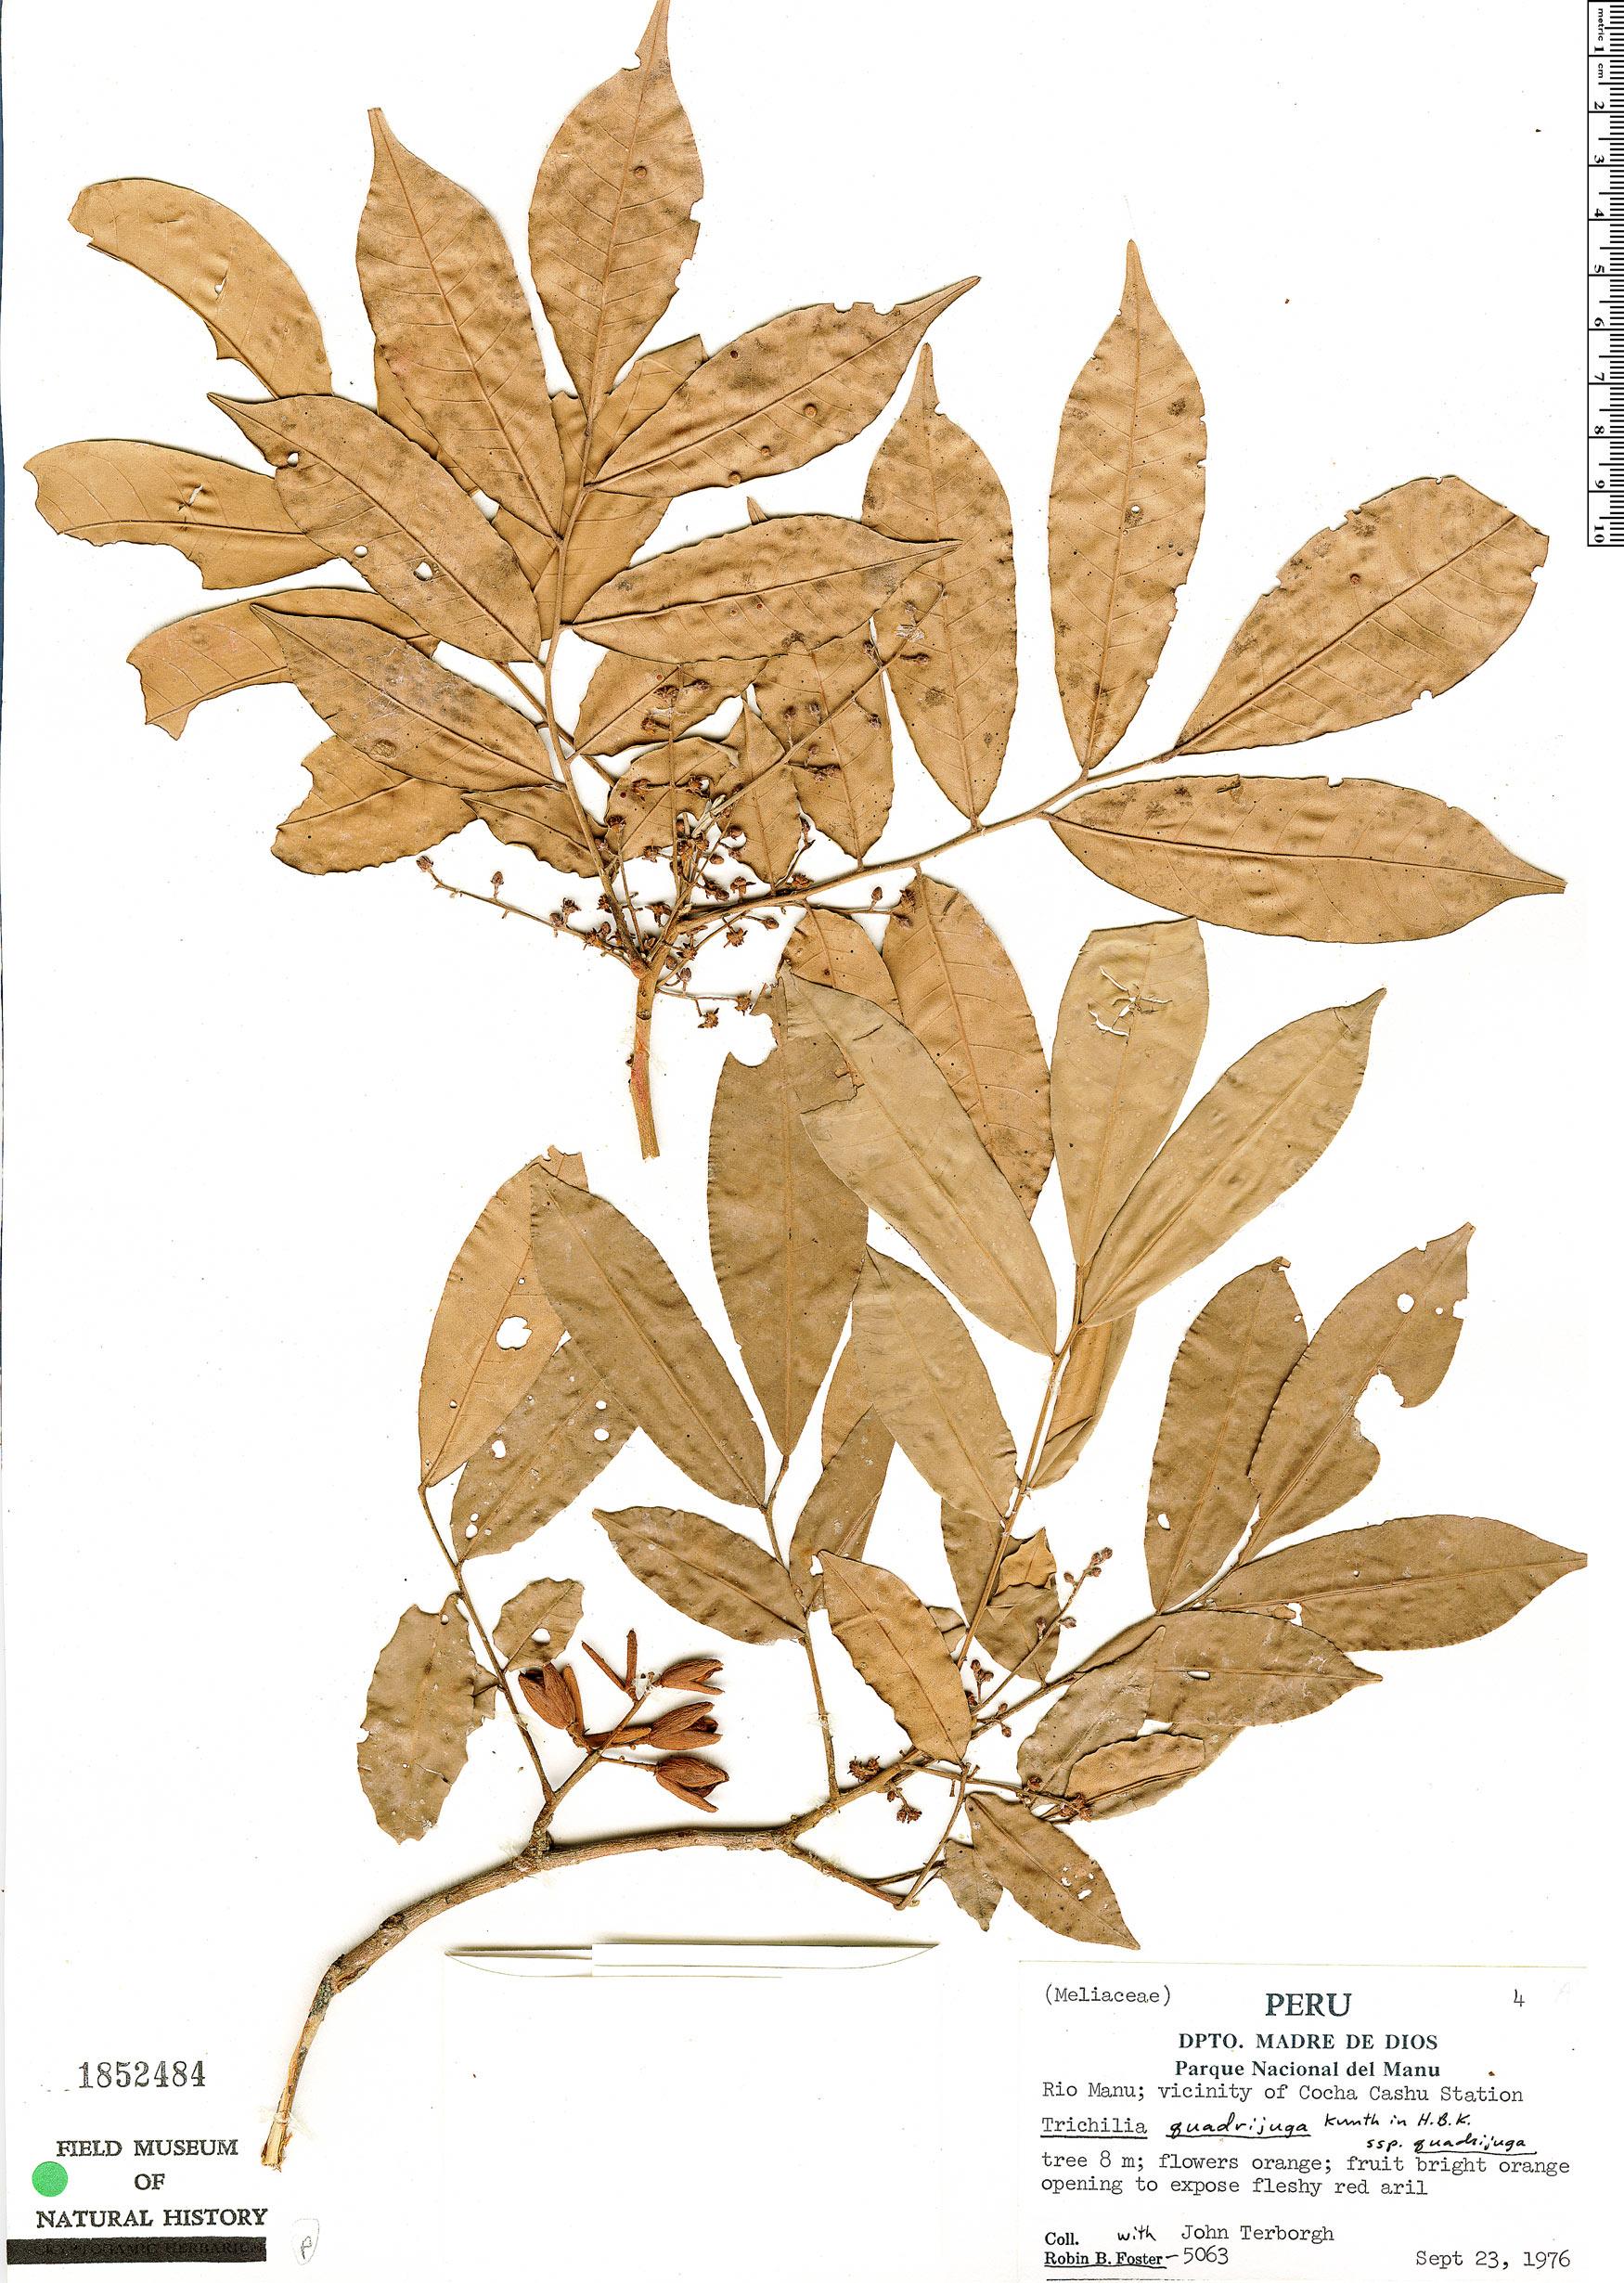 Specimen: Trichilia quadrijuga